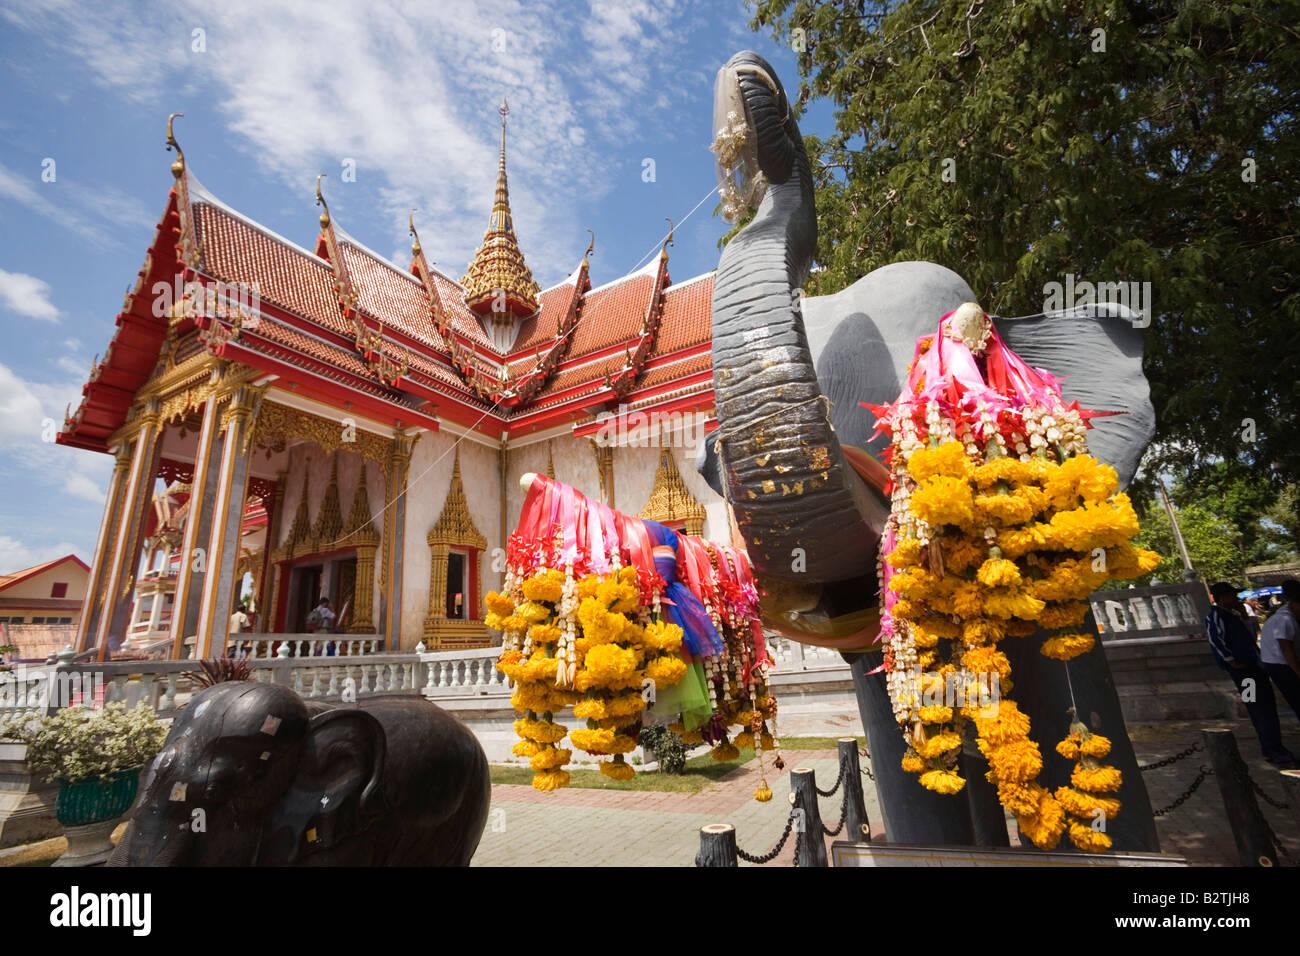 Elephants near of Ubosot, Wat Chalong, Phuket, Thailand Stock Photo